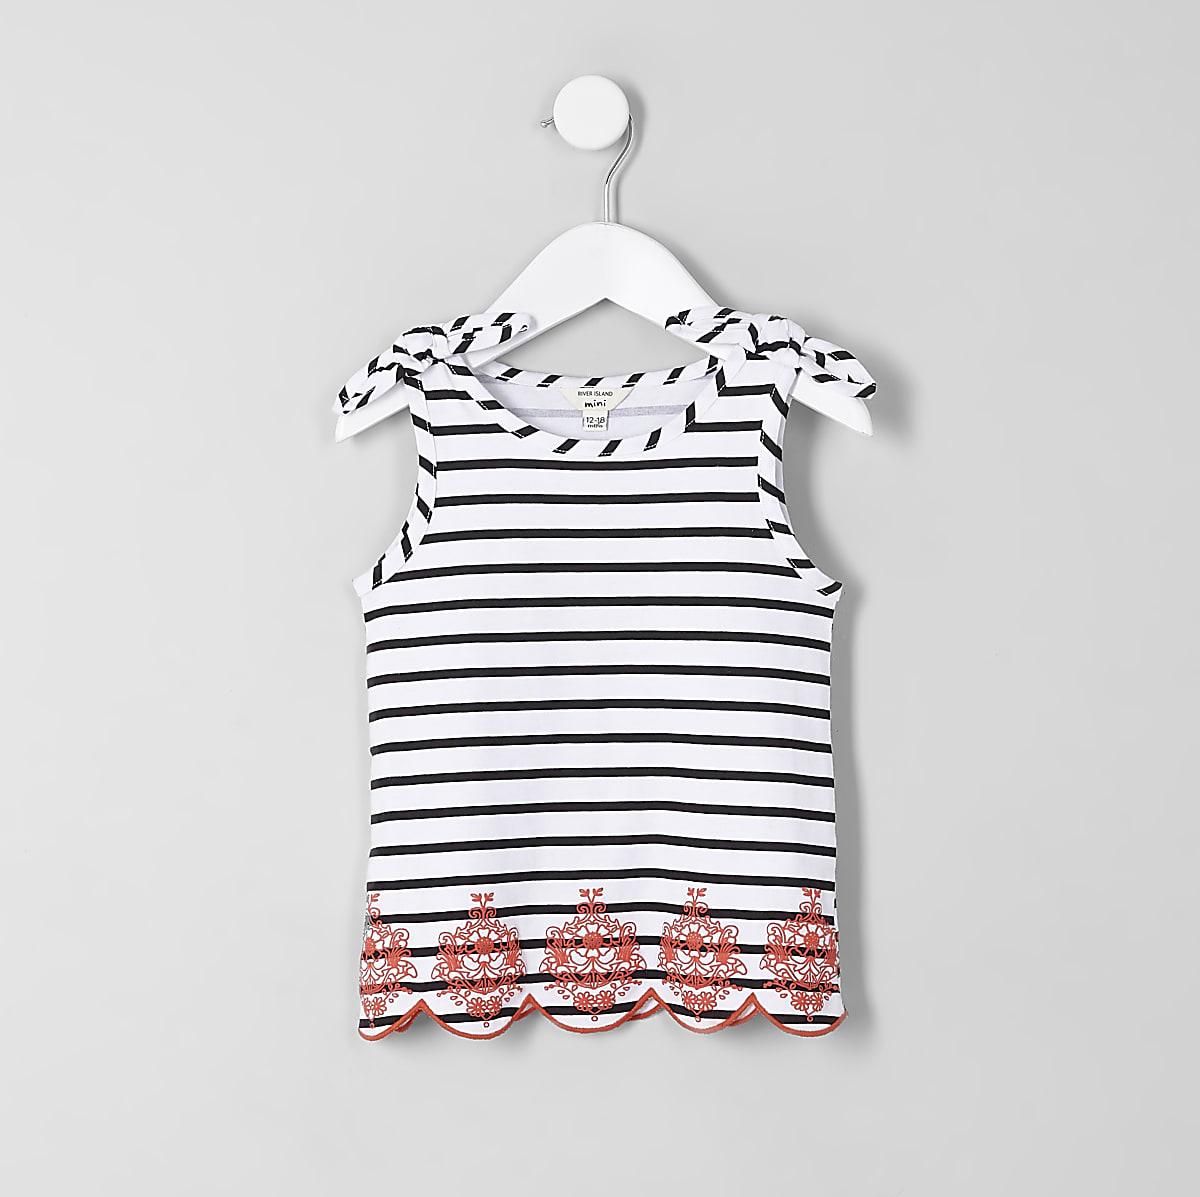 611084fea5 Mini girls white stripe bow shoulder vest top - Baby Girls Tops - Mini  Girls - girls